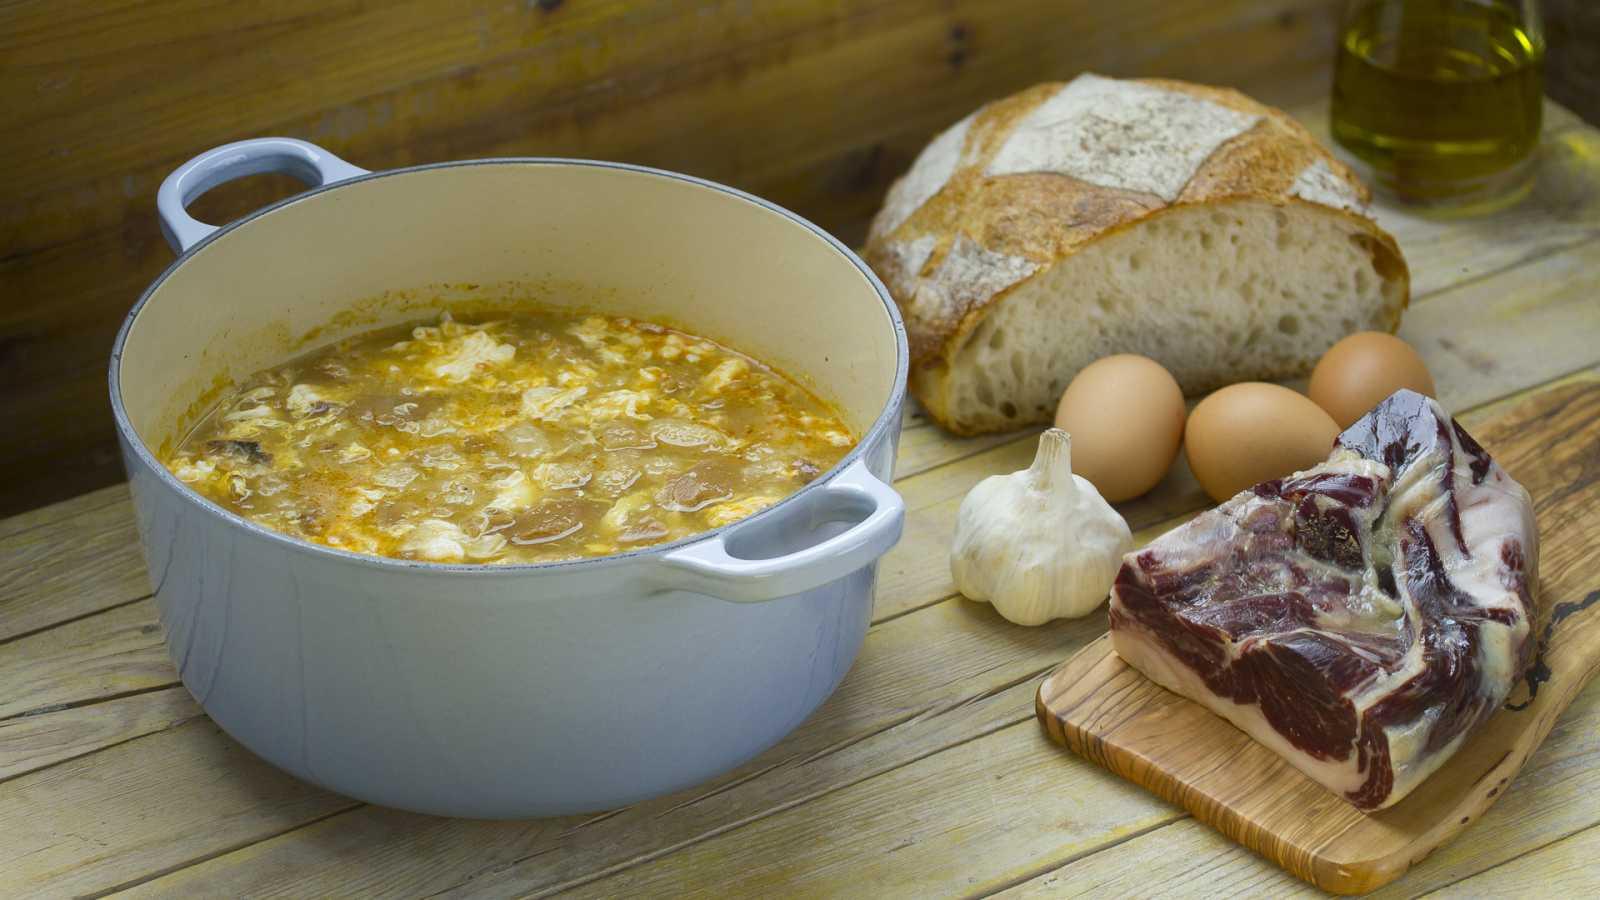 Comer y cantar - Sopa castellana - 18/12/20 - escuchar ahora